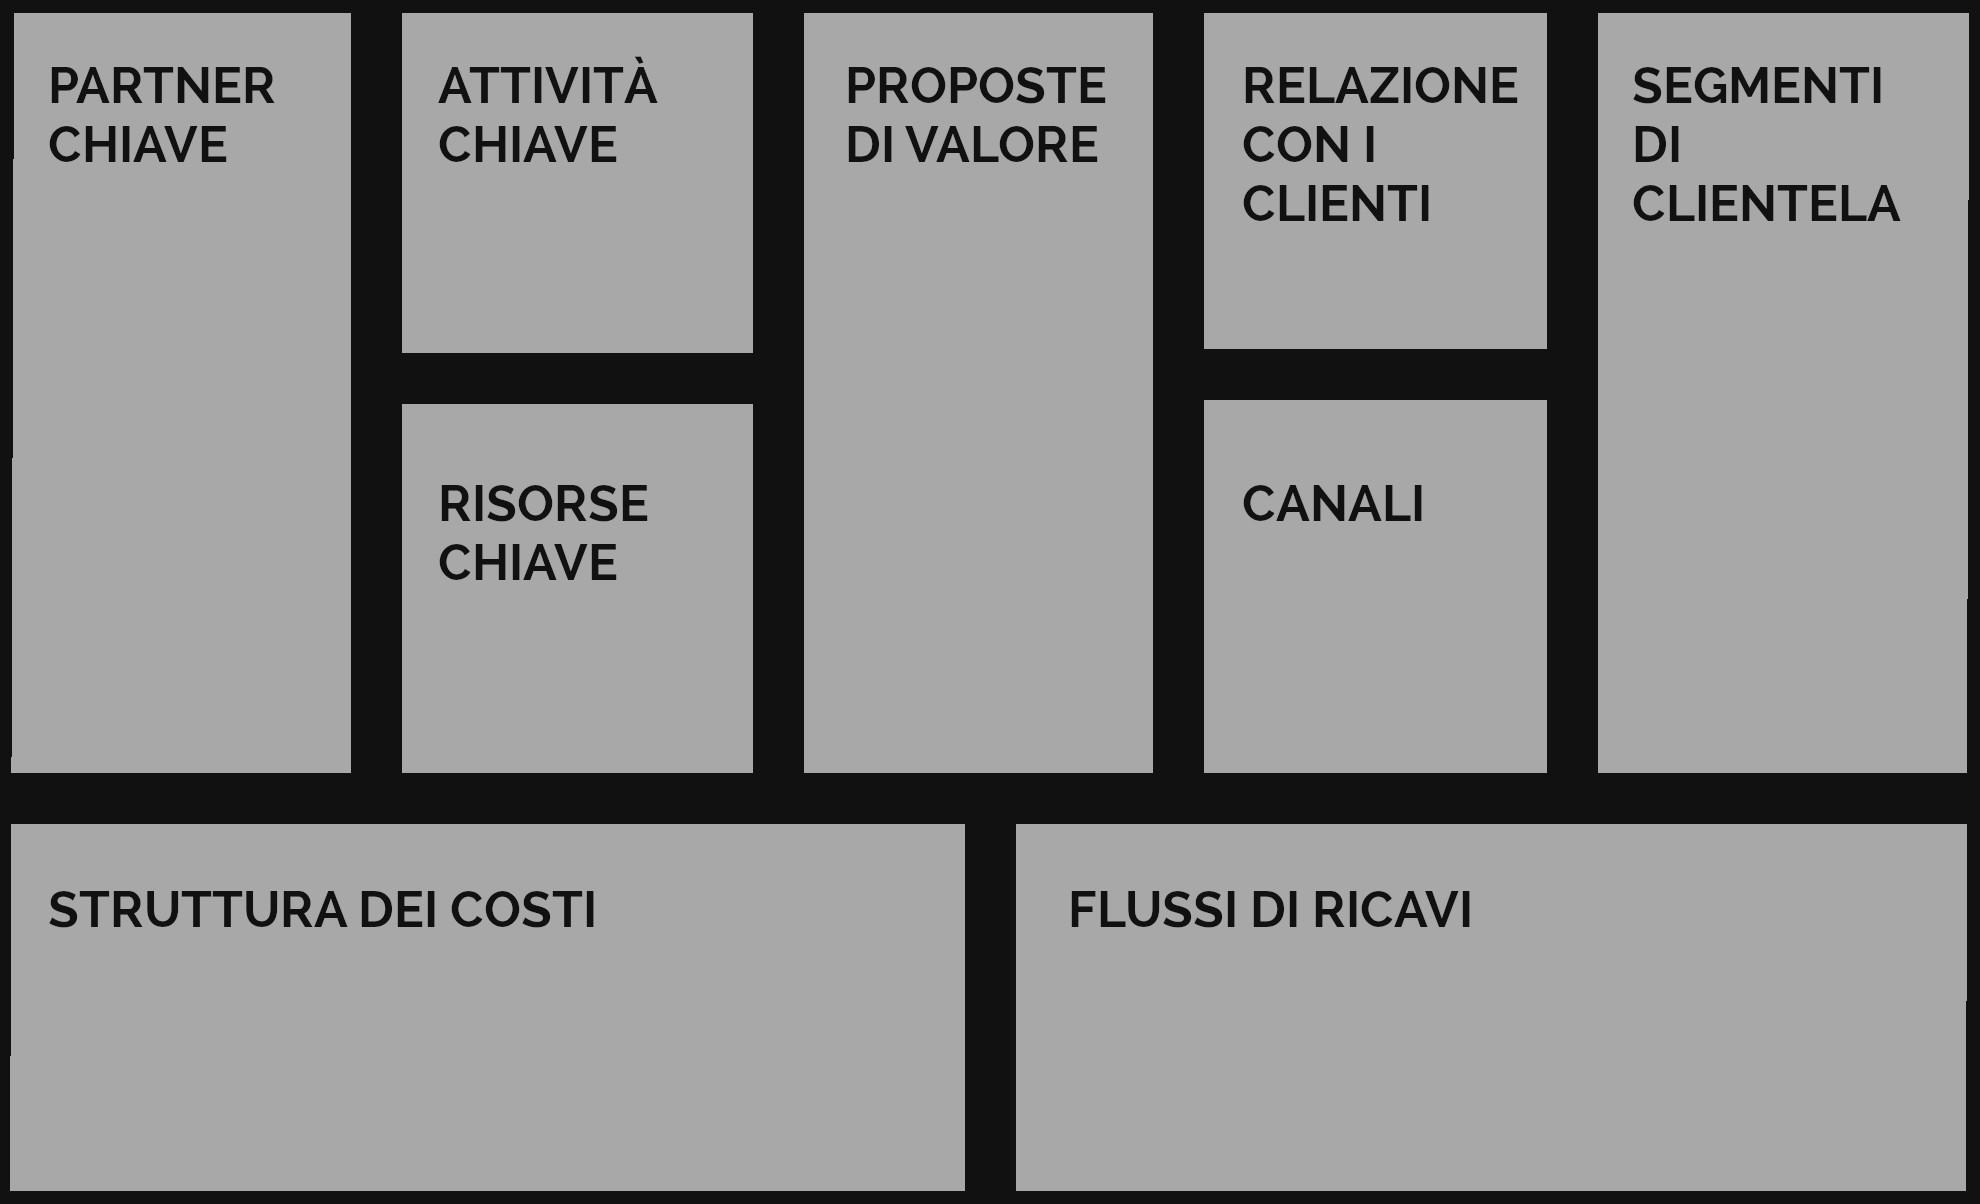 La strategia aziendale in 10 minuti con il Modello di Business Canvas